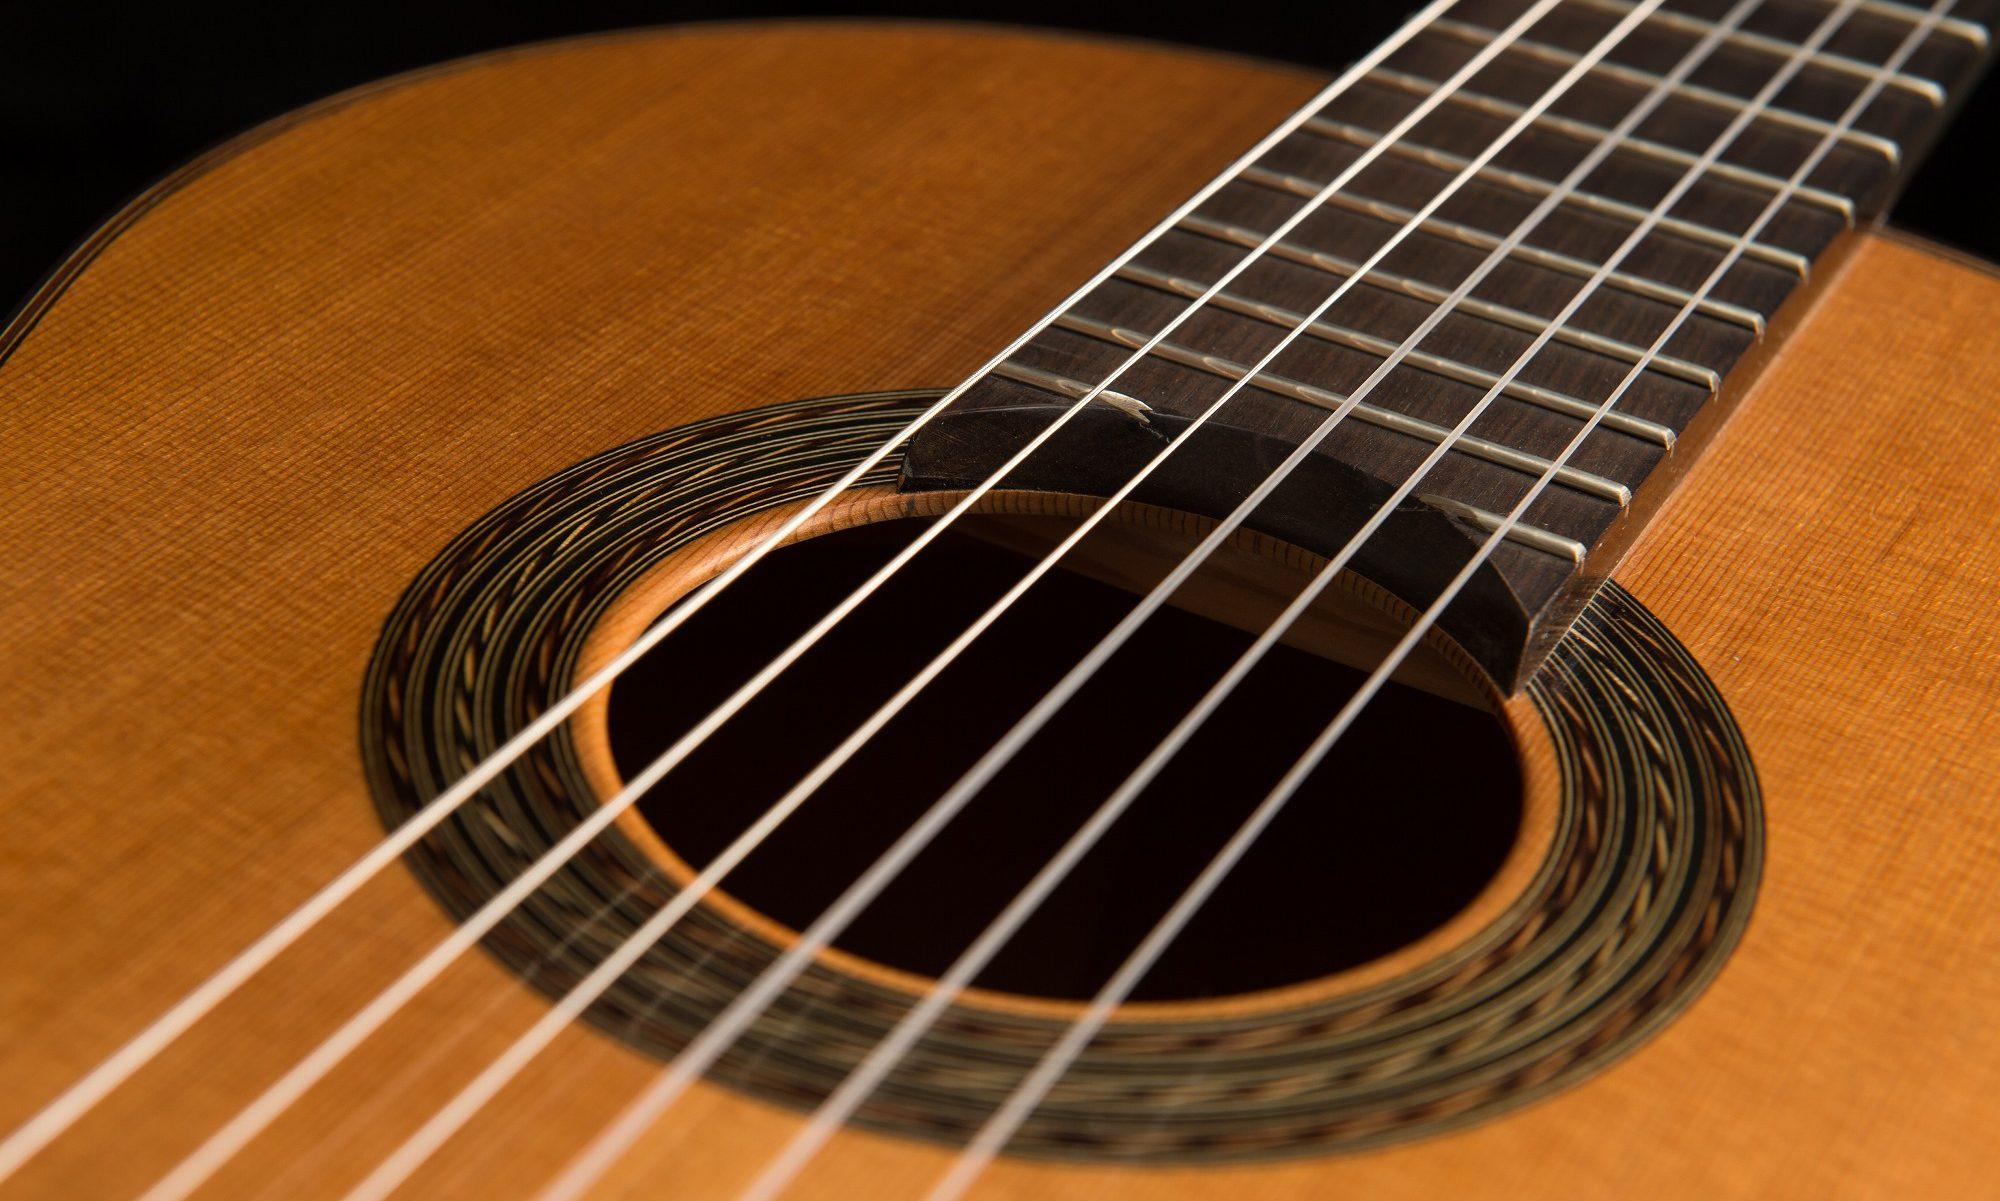 ぺぺ・ロメロJr.~クラシック&フラメンコギター